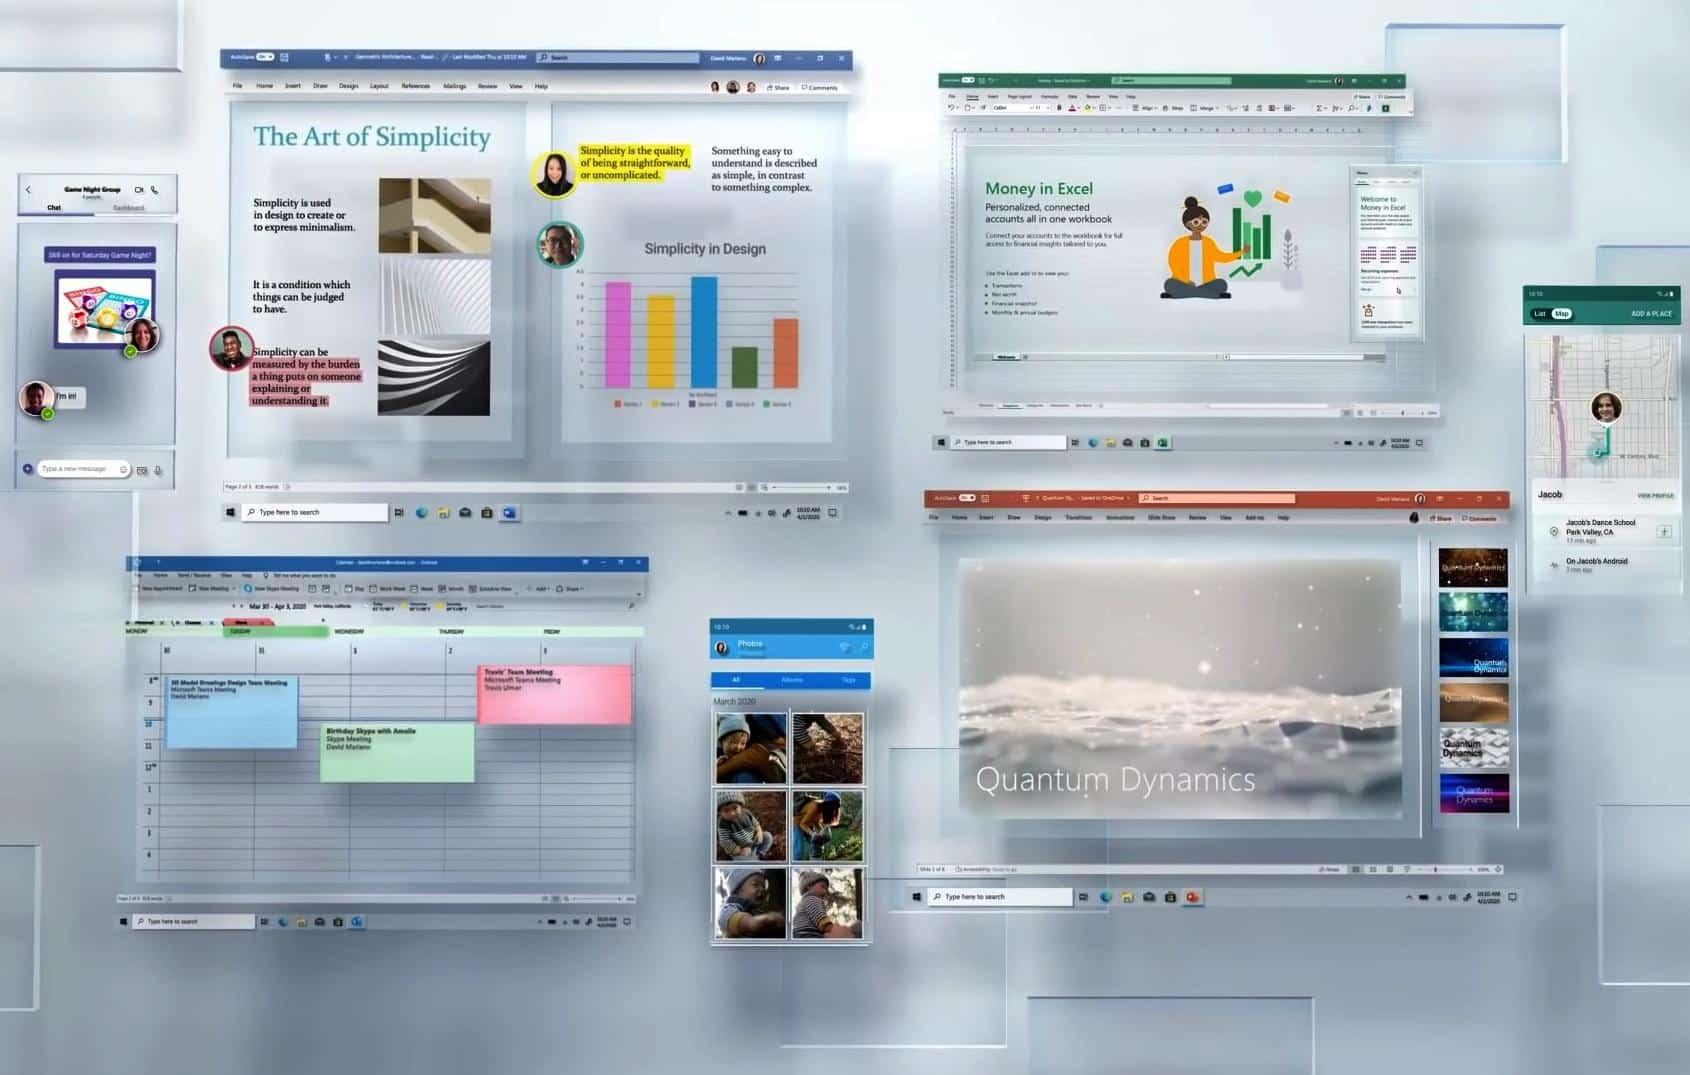 Microsoft inclui novos recursos no Office 365, que agora se chama 'Microsoft 365'